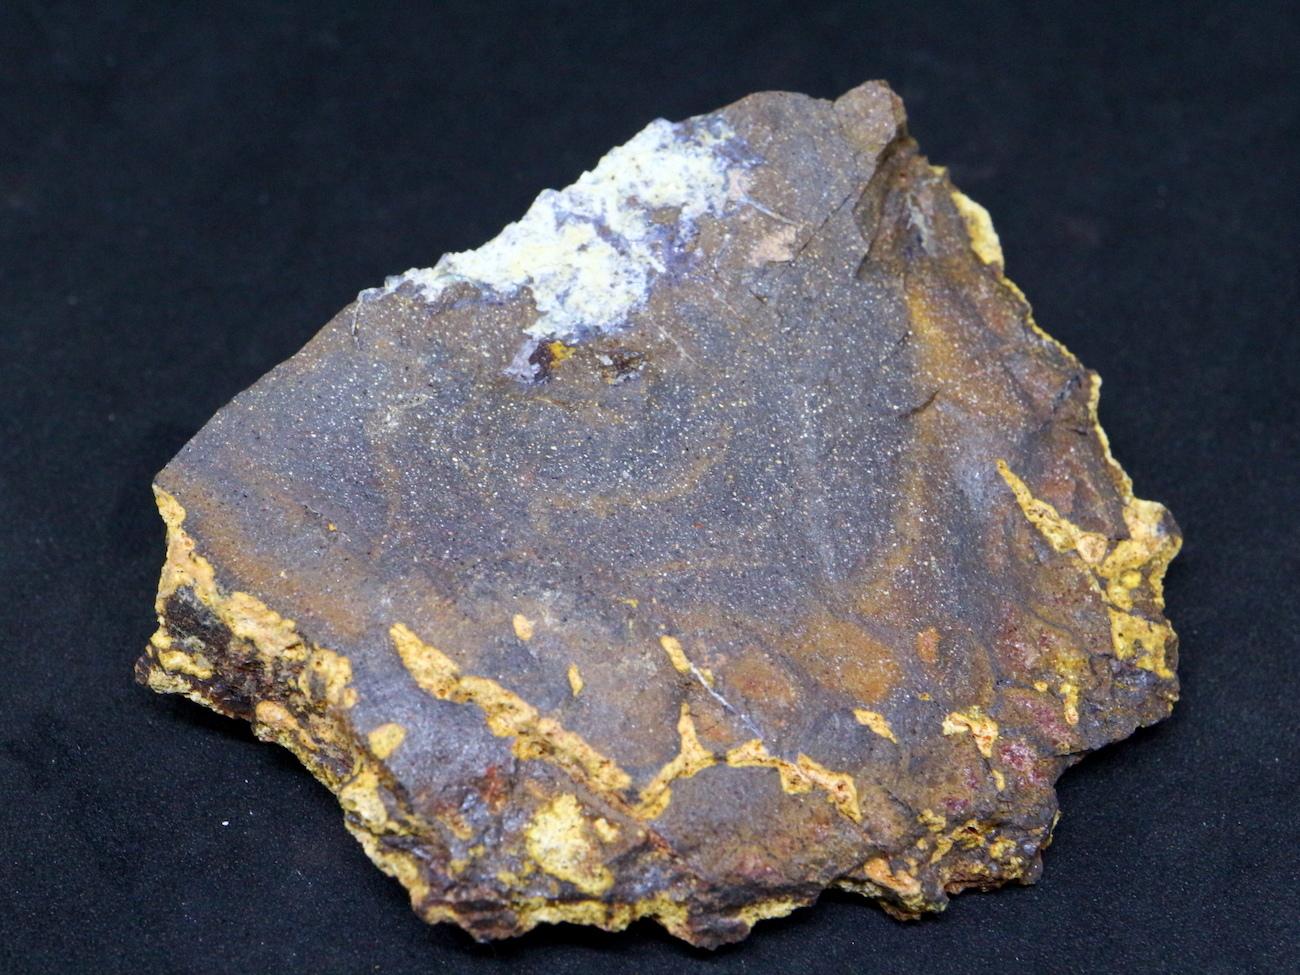 ボルダー オパールオーストラリア産 原石 鉱物 天然石 57,6g OP025